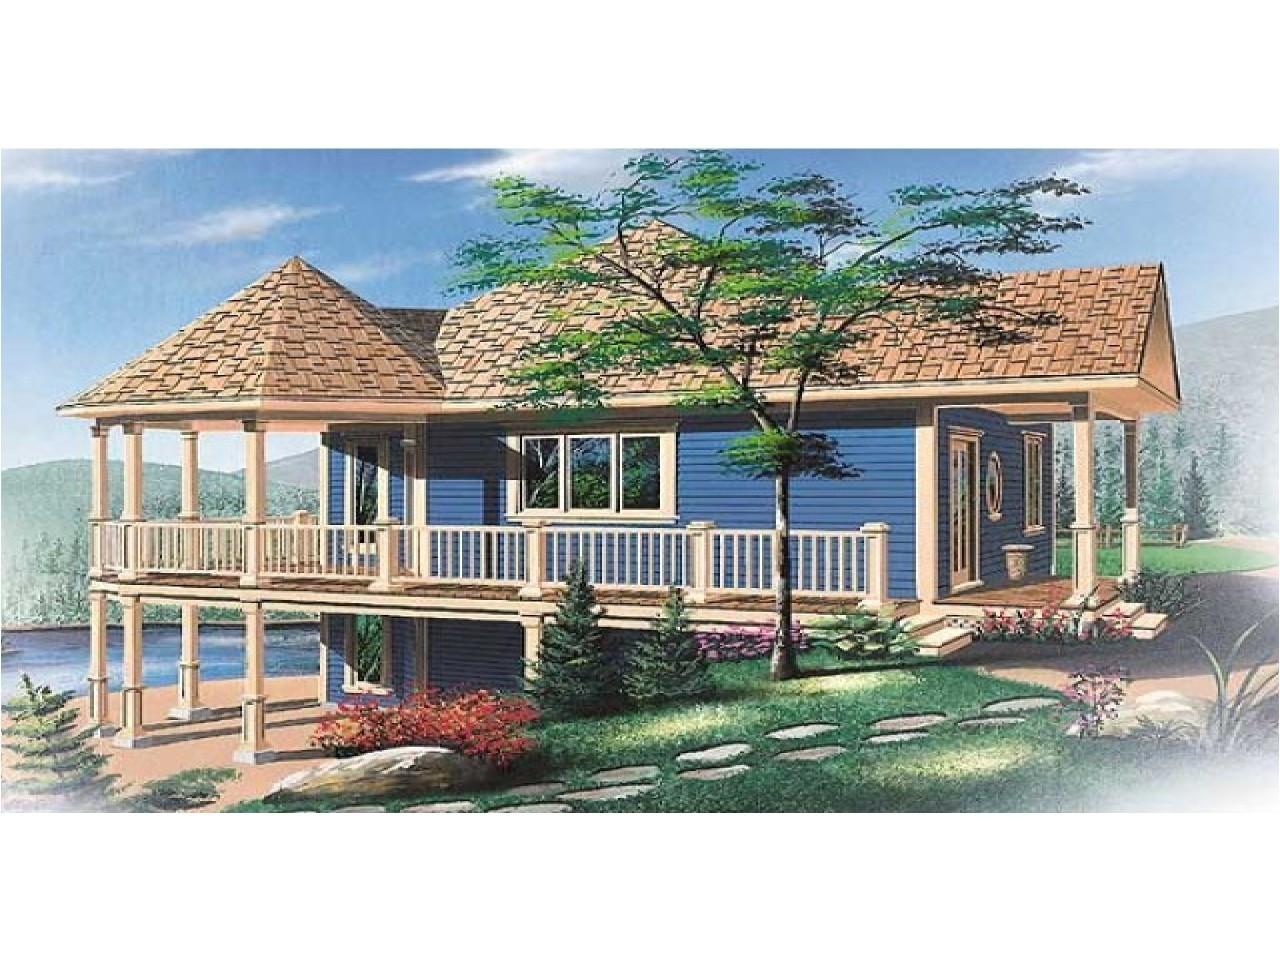 87377940a7b6a03b beach house plans on pilings beach house plans on pilings